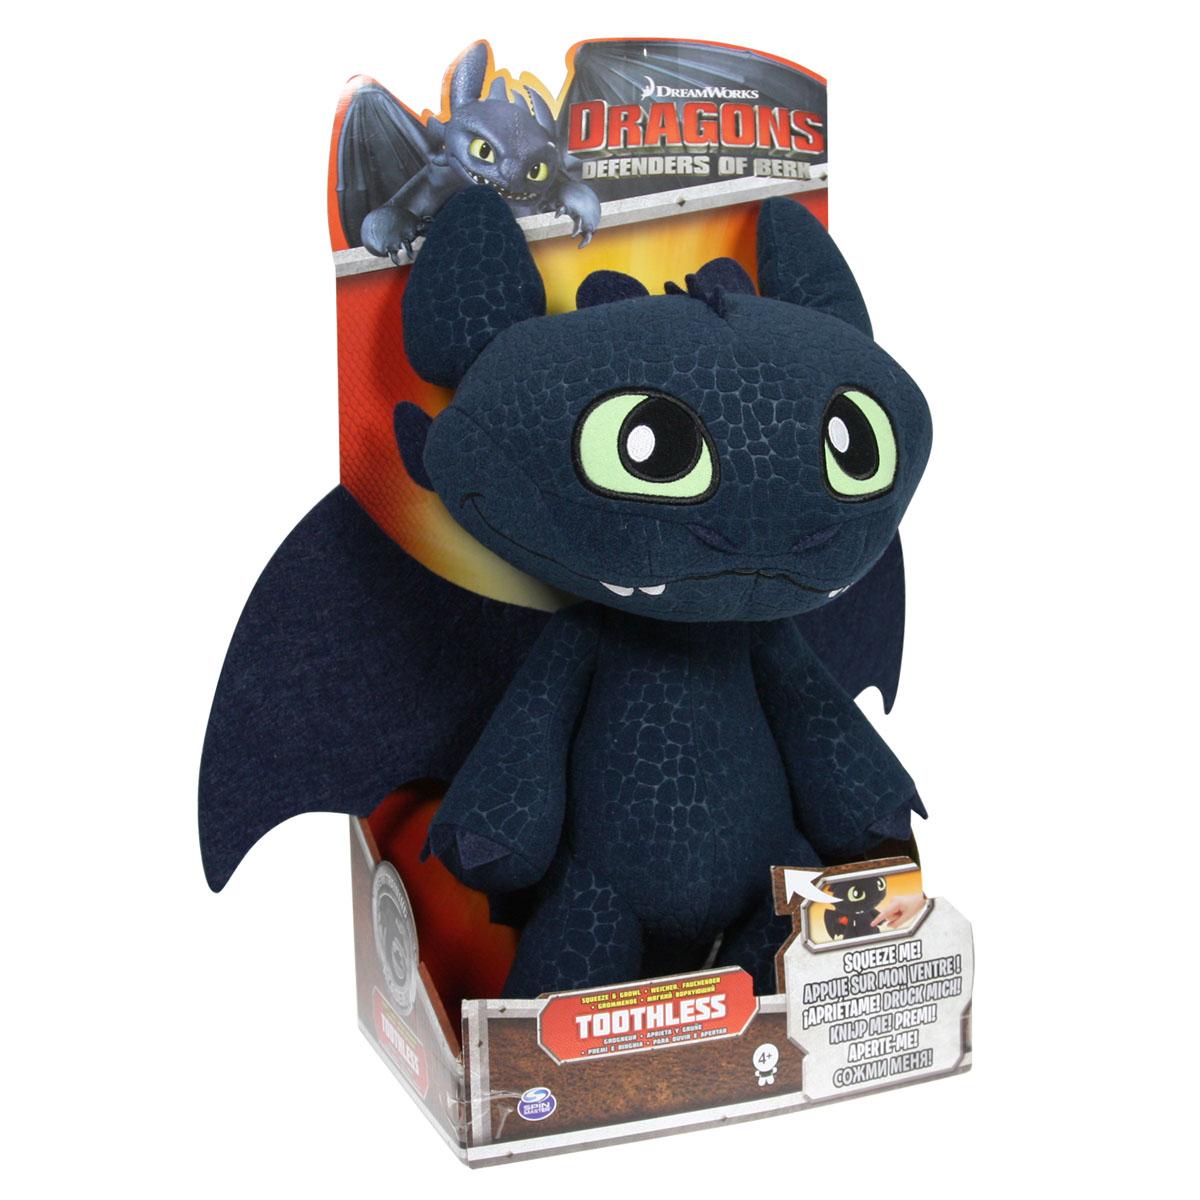 Мягкая игрушка Dragons Беззубик, озвученная, 33 см66556Мягкая озвученная игрушка Dragons Беззубик вызовет улыбку у каждого, кто ее увидит. Она выполнена из приятного на ощупь текстильного материала в виде дракона из мультфильма Как приручить дракона. При каждом нажатии на живот, игрушка воспроизводит 4 вида забавных звуков. Эта забавная игрушка принесет радость и подарит своему обладателю мгновения приятных воспоминаний. Такая игрушка станет отличным подарком вашему ребенку! Игрушка работает от 3-х батареек типа AG13/LR44 1.5V (входят в комплект).